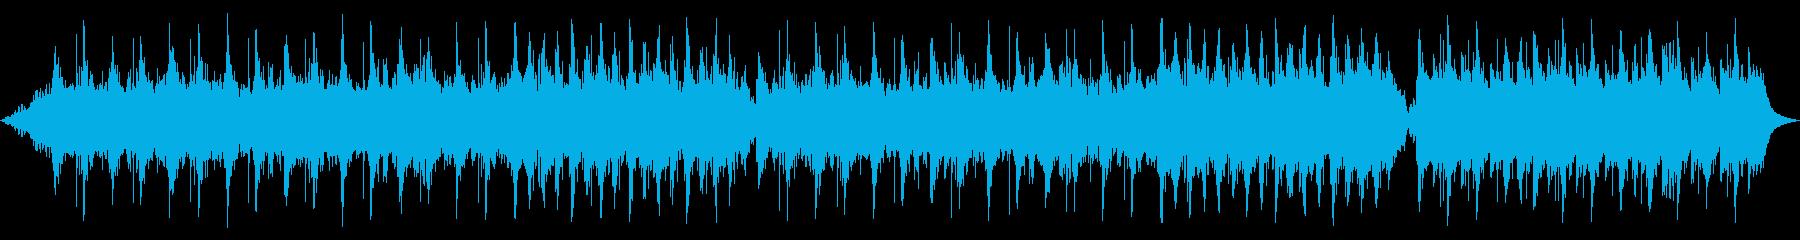 ゆったりリラックスできるヒーリング曲の再生済みの波形